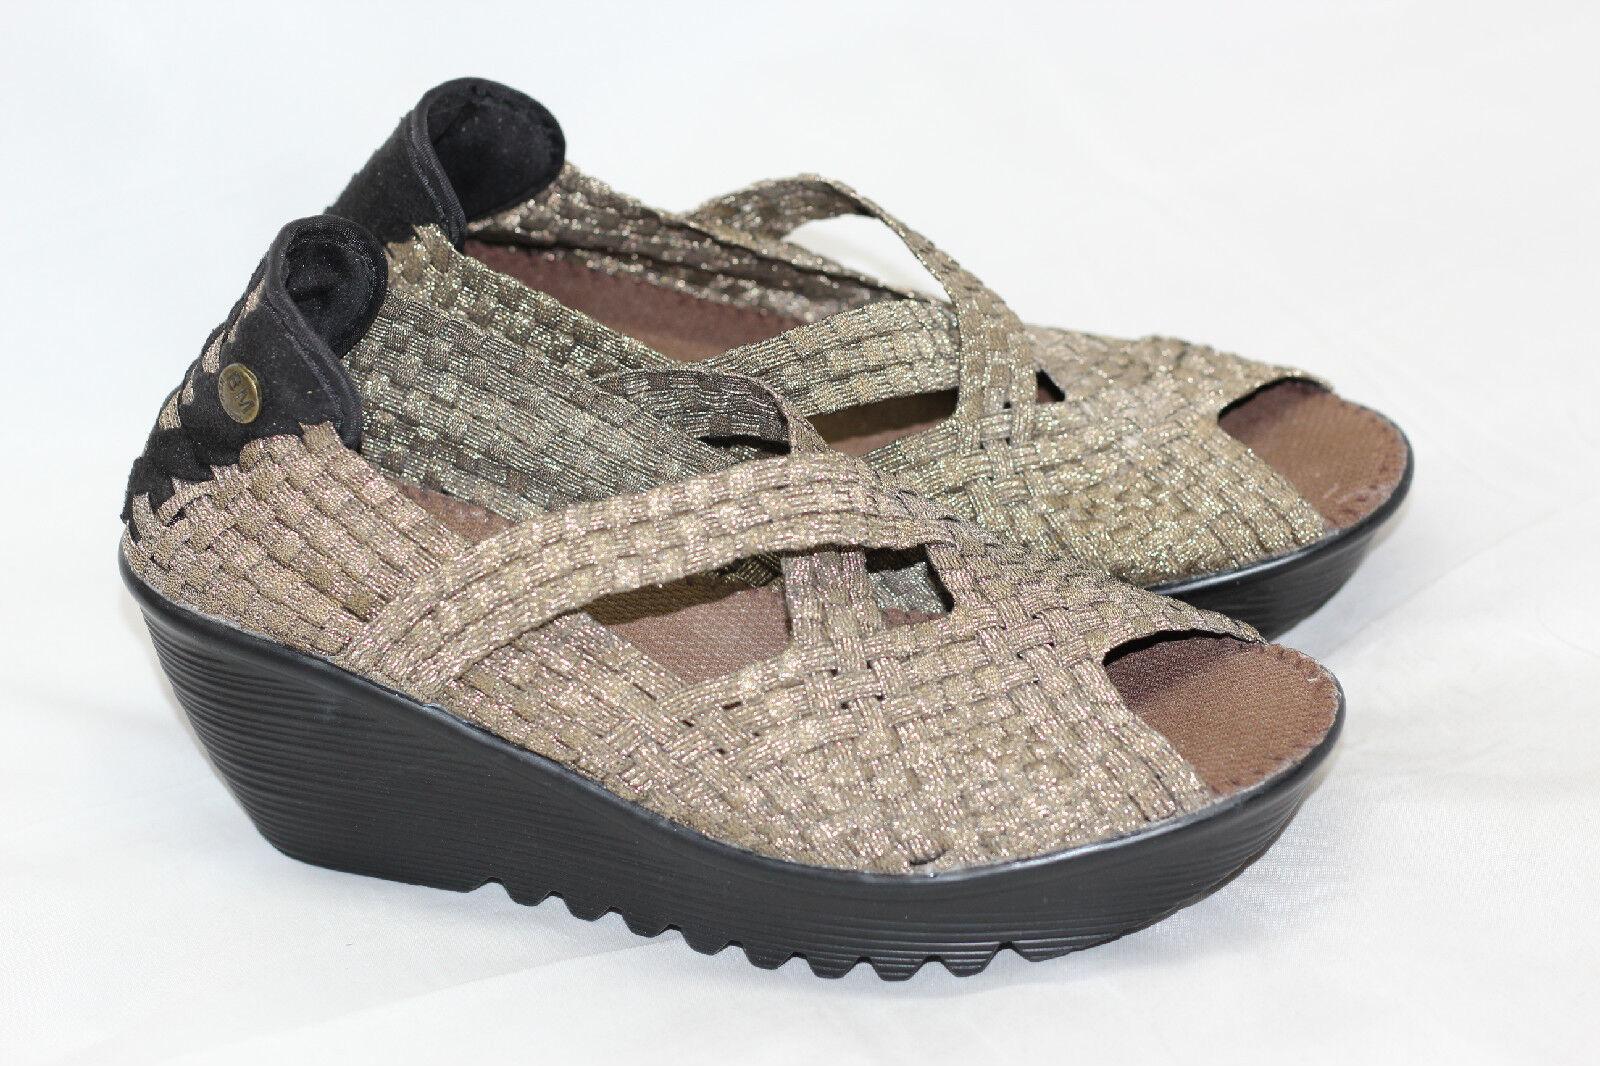 presentando tutte le ultime tendenze della moda Bernie Mev 'Calypso' Woven Platform Wedge Sandal - Bronze Bronze Bronze - 39   9US (S84)  seleziona tra le nuove marche come